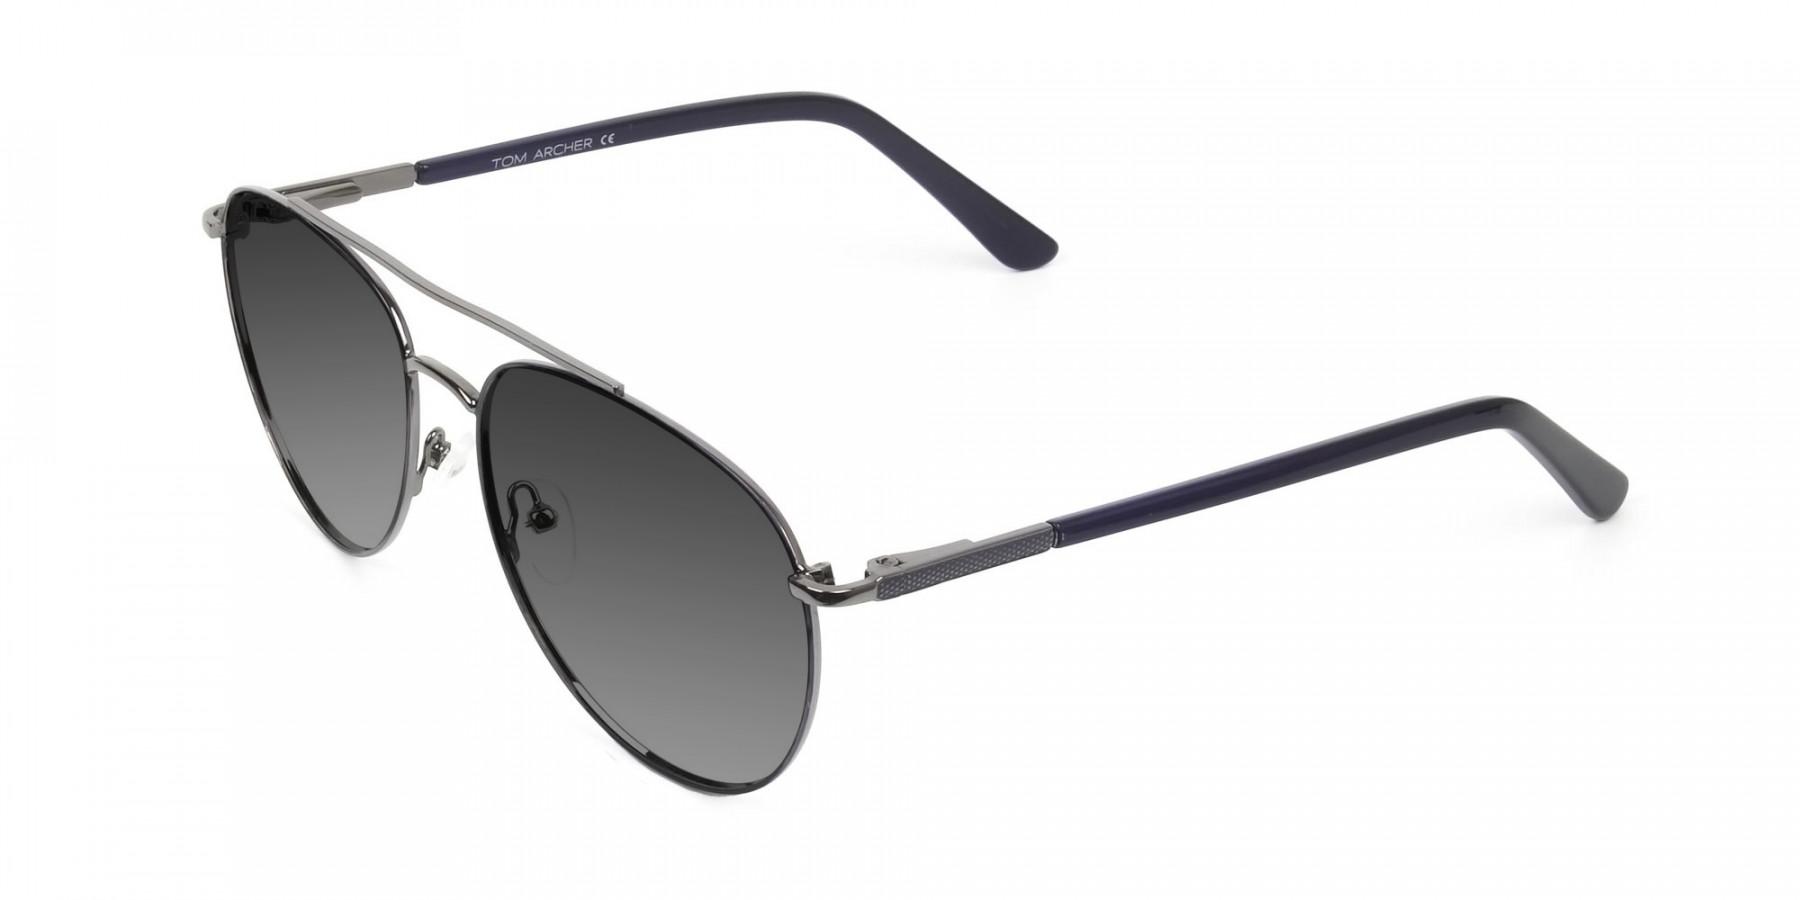 ultralight-dark-navy-blue-aviator-grey-tinted-sunglasses-frames-3